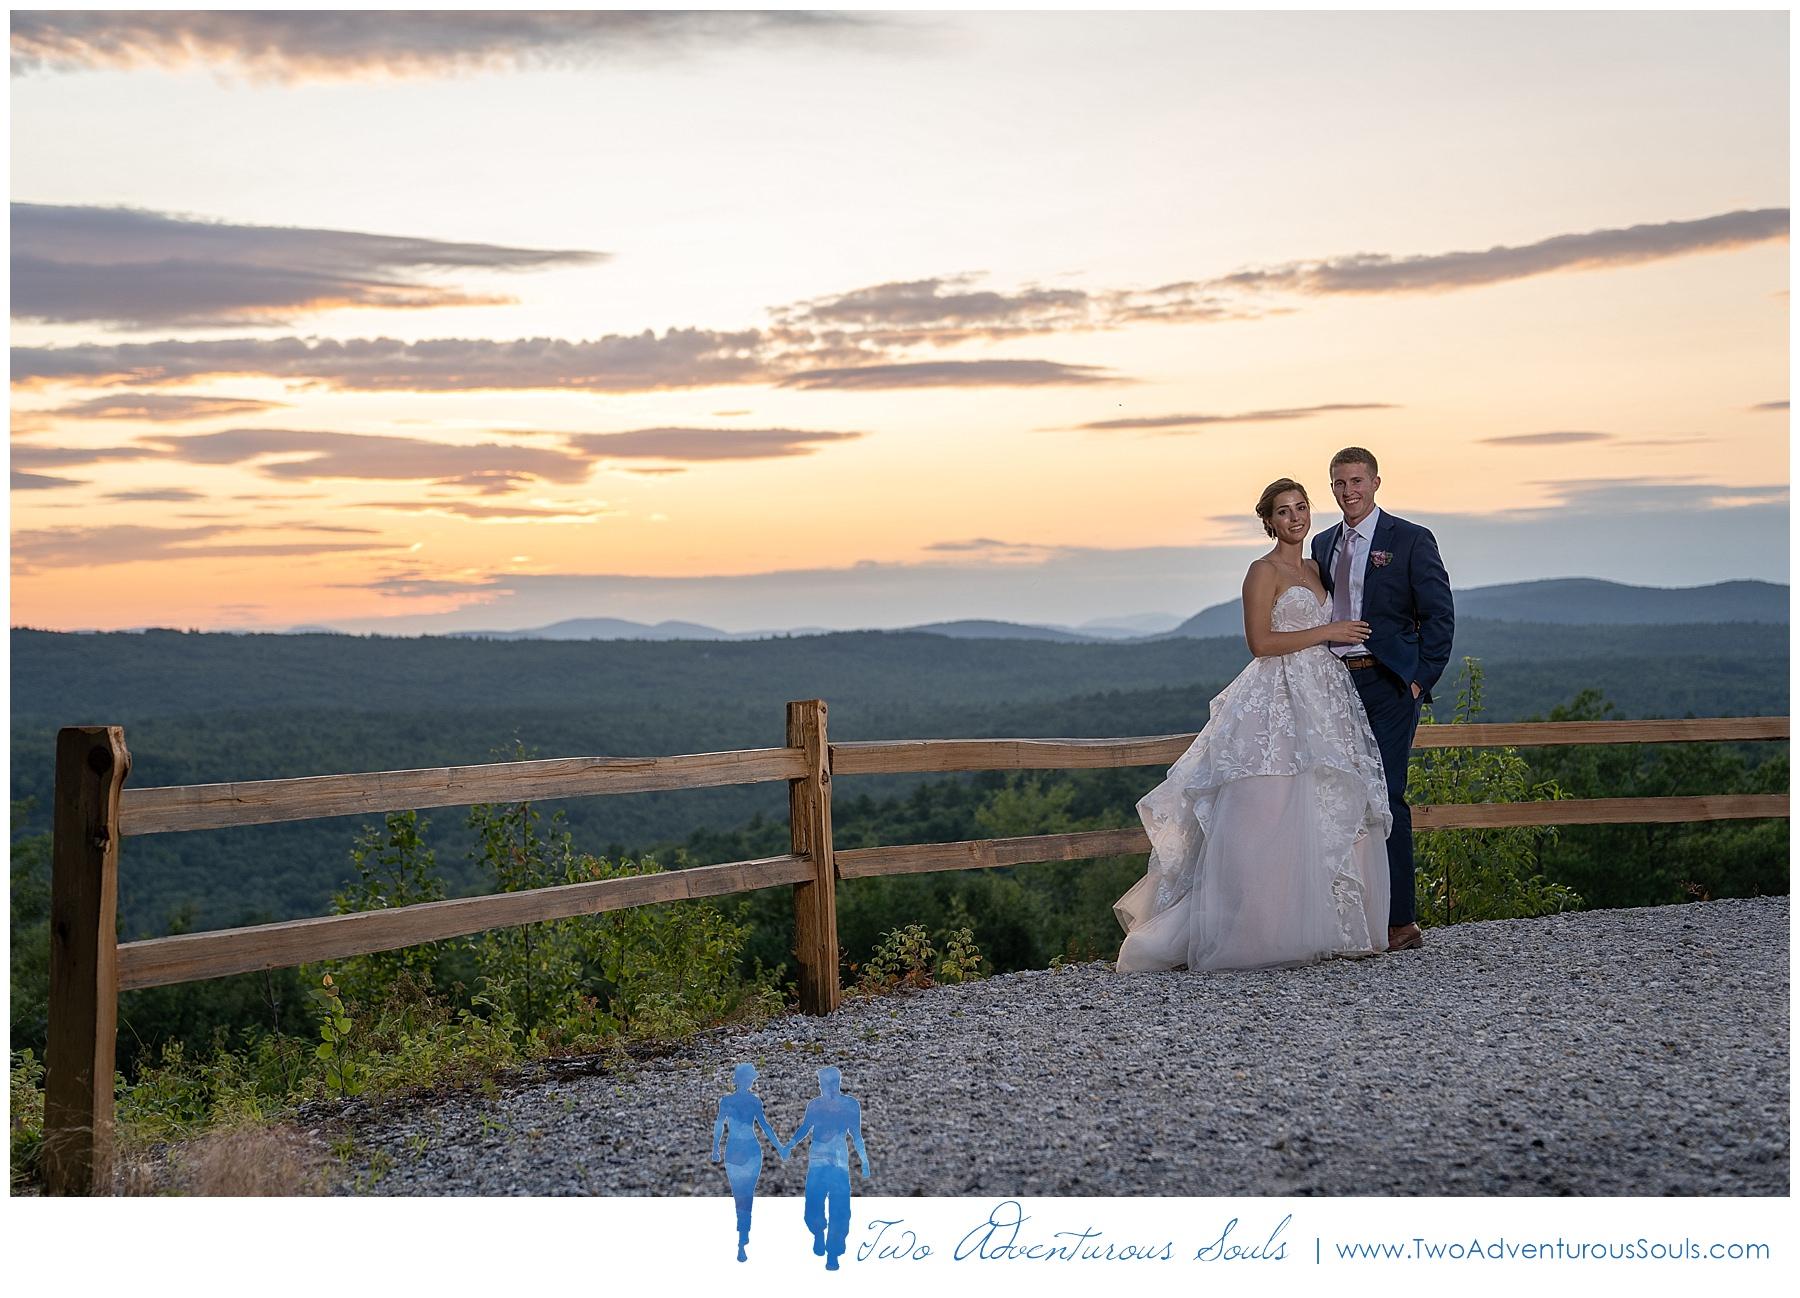 Maine Wedding Photographers, Granite Ridge Estate Wedding Photographers, Two Adventurous Souls - 080319_0067.jpg